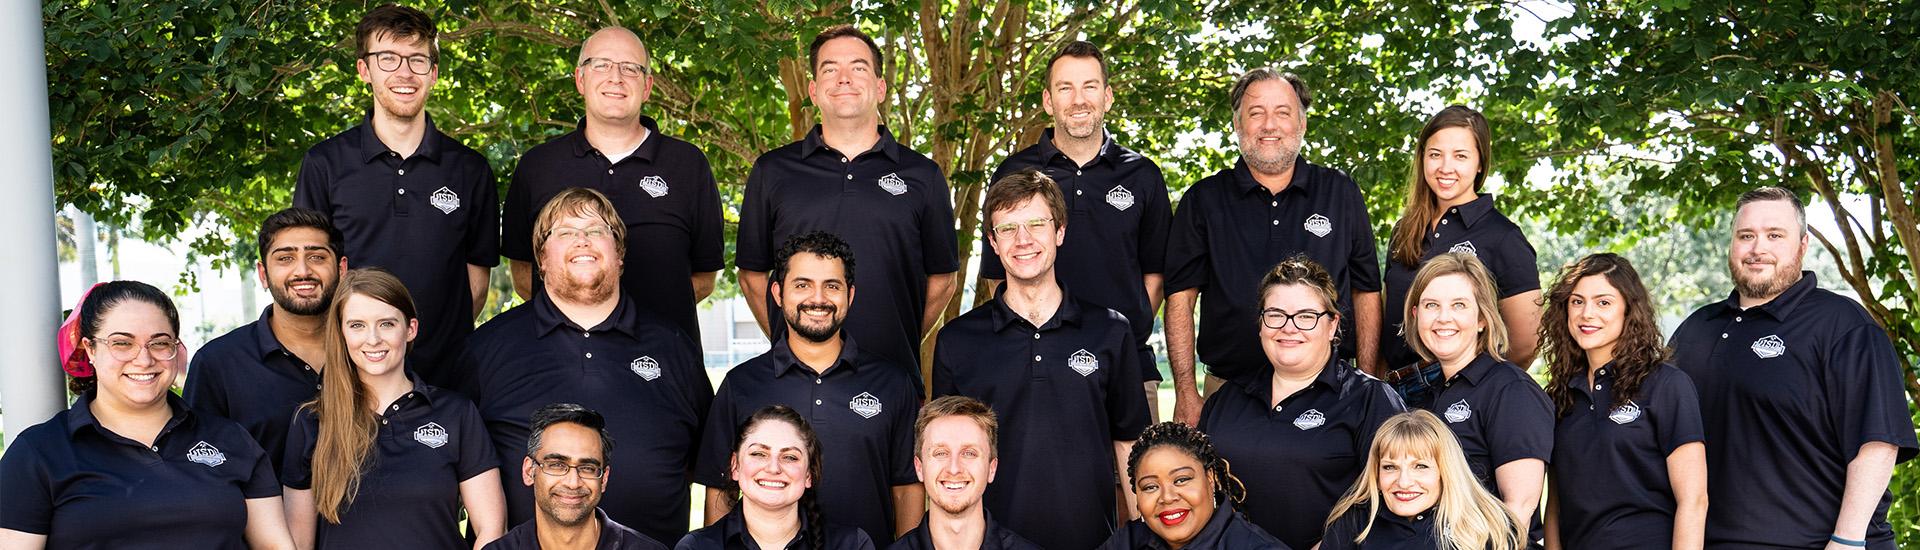 ISD Faculty 2019